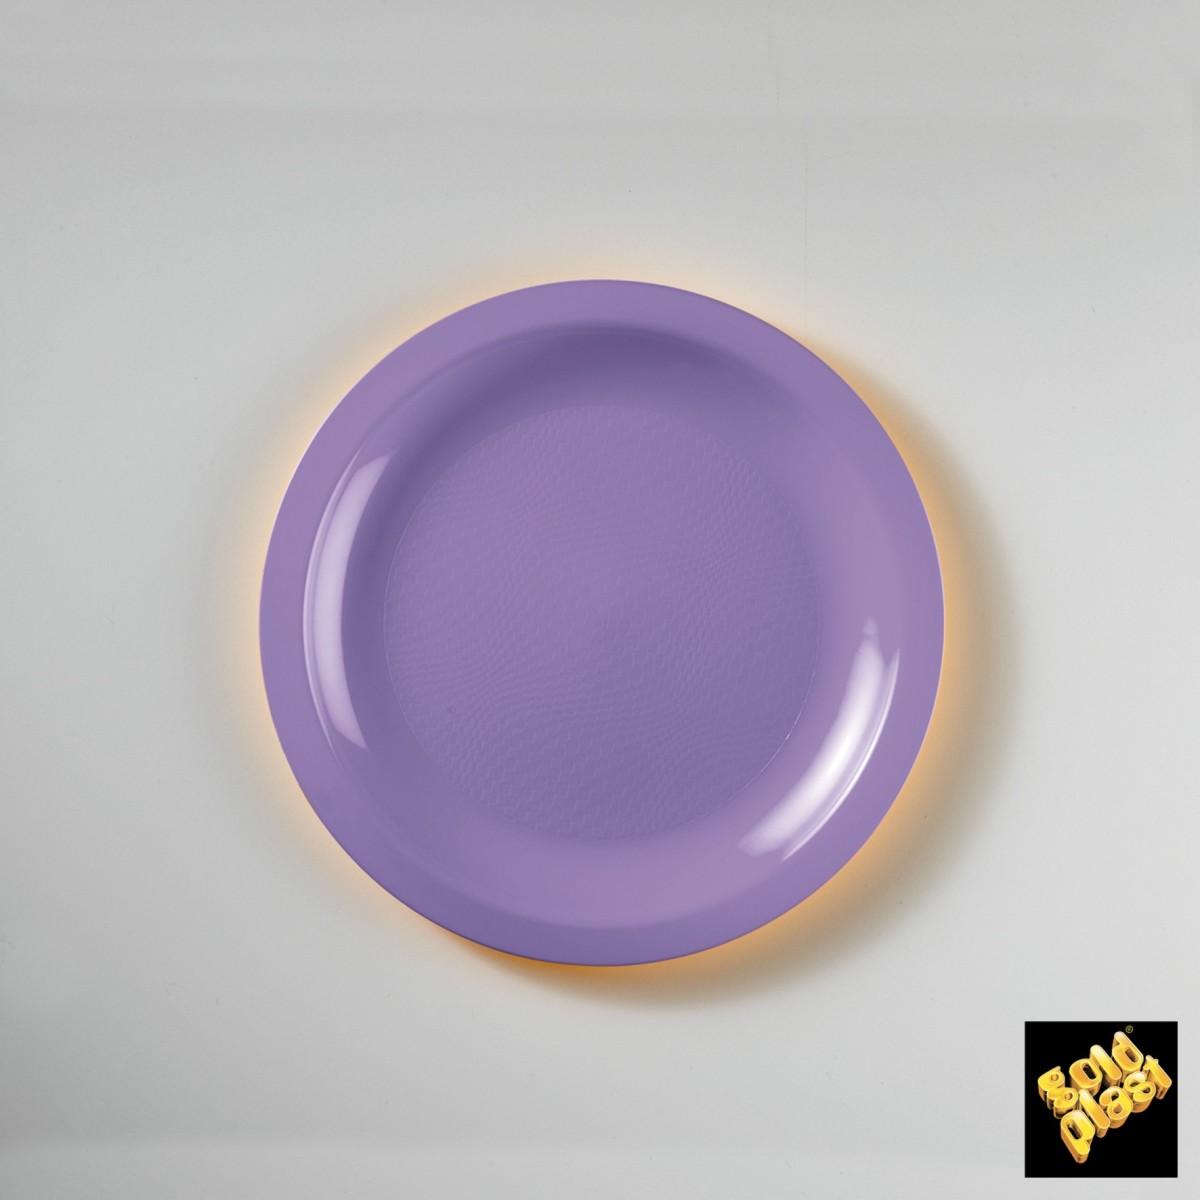 Piatto da Dessert in Plastica Colorato Diam. Cm.18,5 Confezione 50 Pezzi Glicine